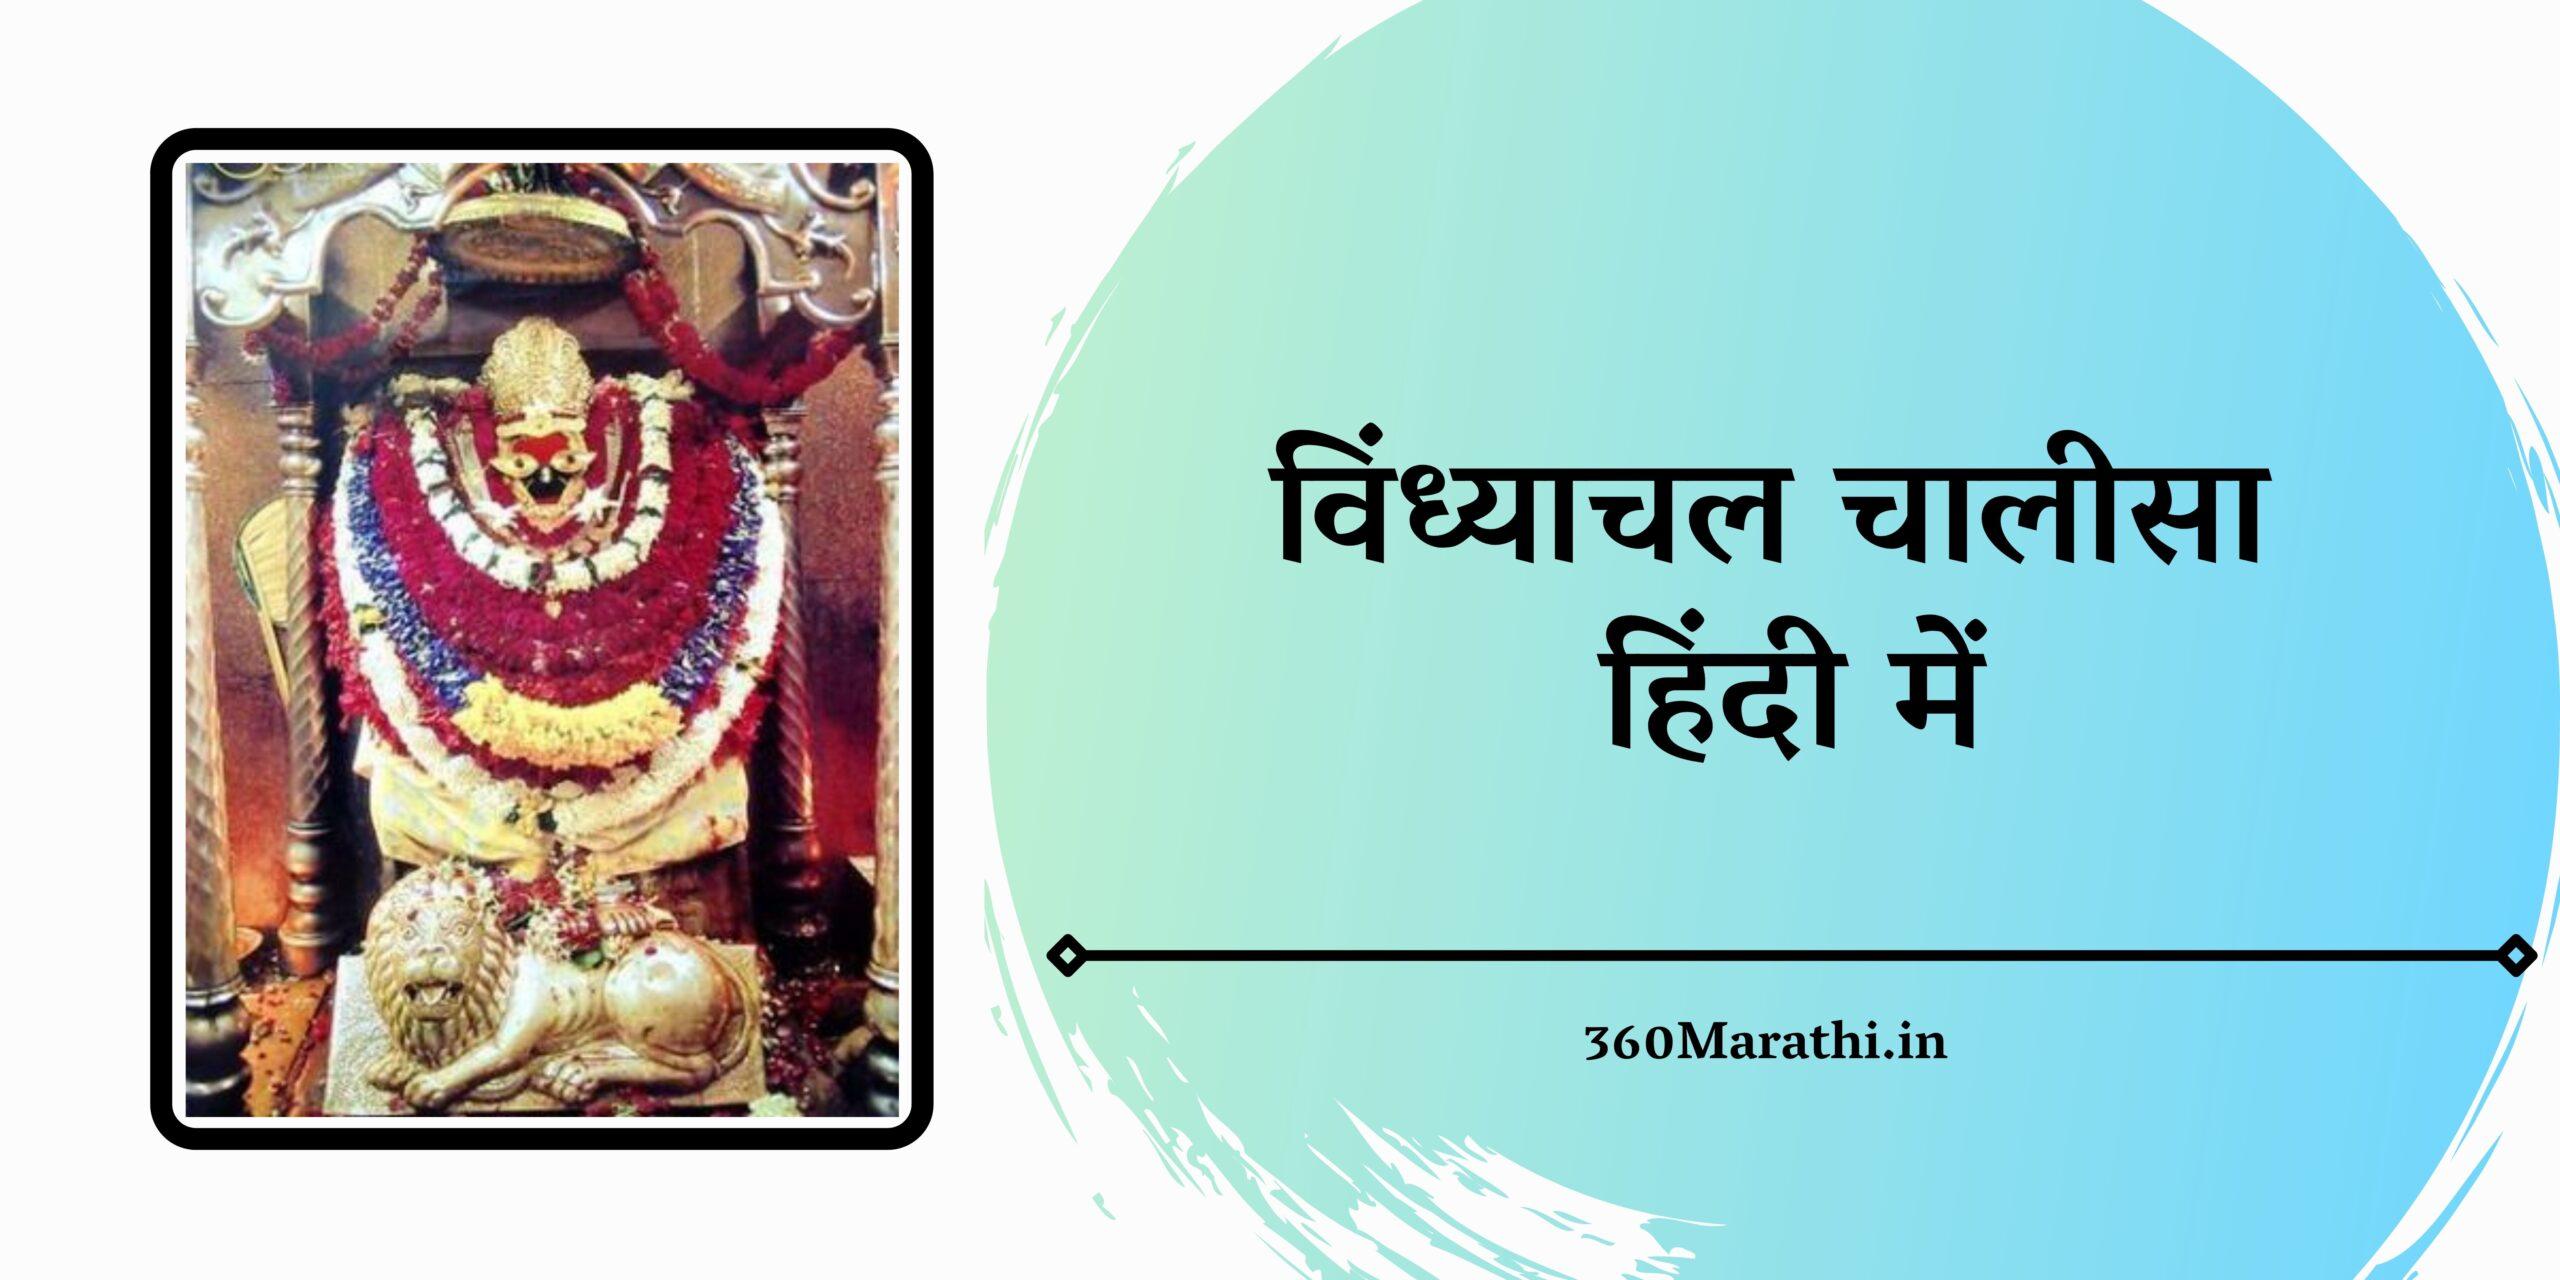 [ PDF/Lyrics ] Vindheshwari Chalisa in Hindi | विन्ध्येश्वरी चालीसा हिंदी में